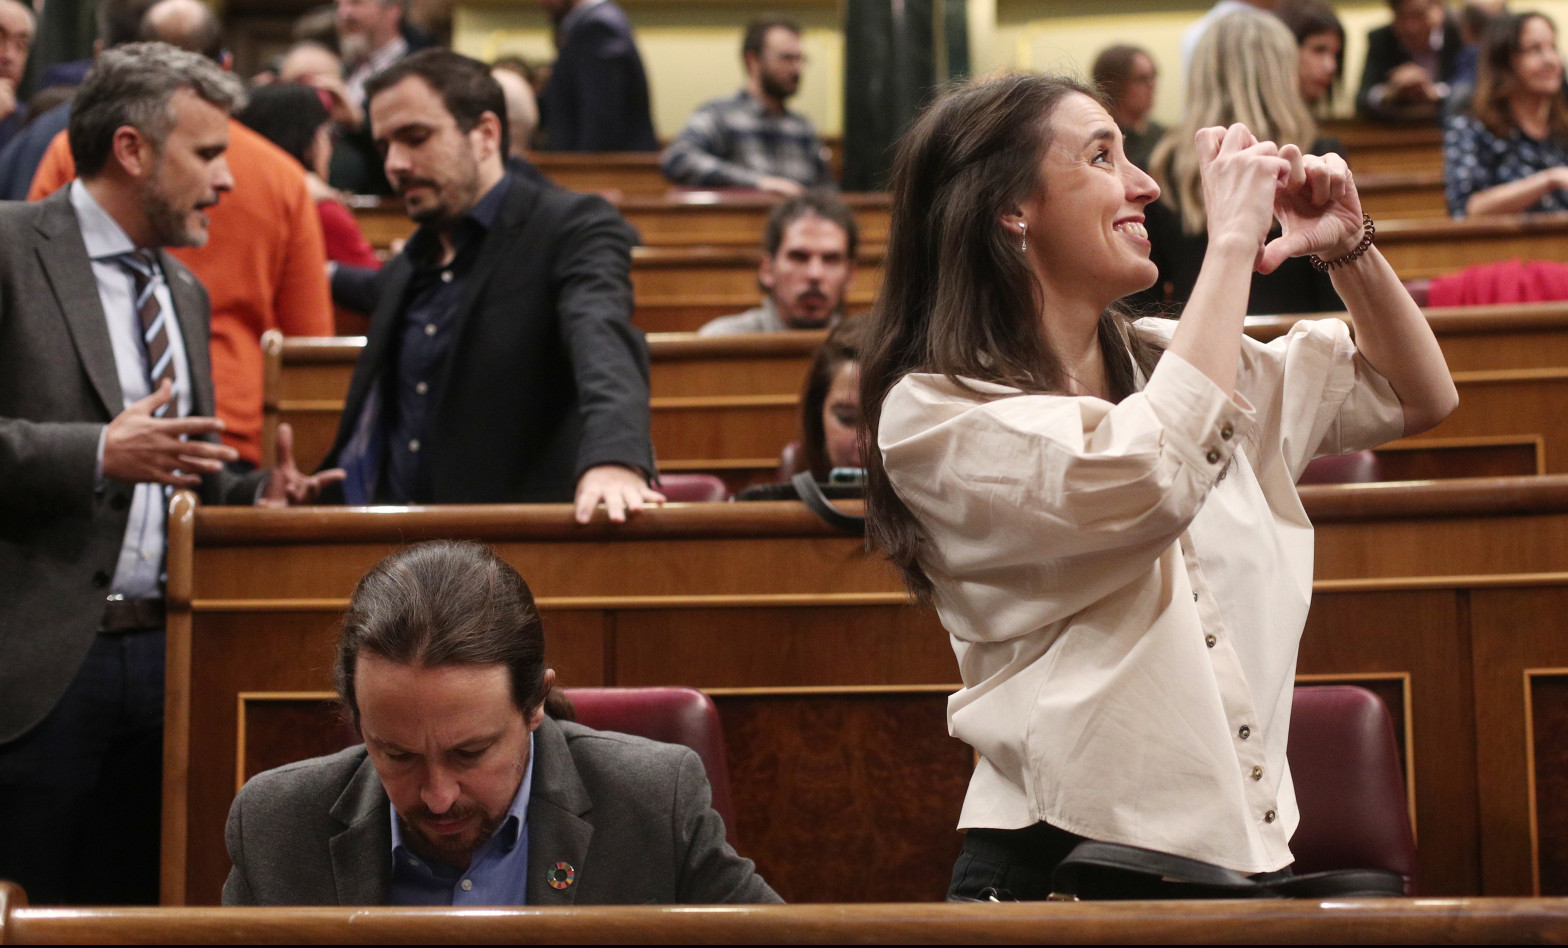 El patrimonio de Iglesias y Montero revuelve Podemos: crecen las sospechas de otra caja b